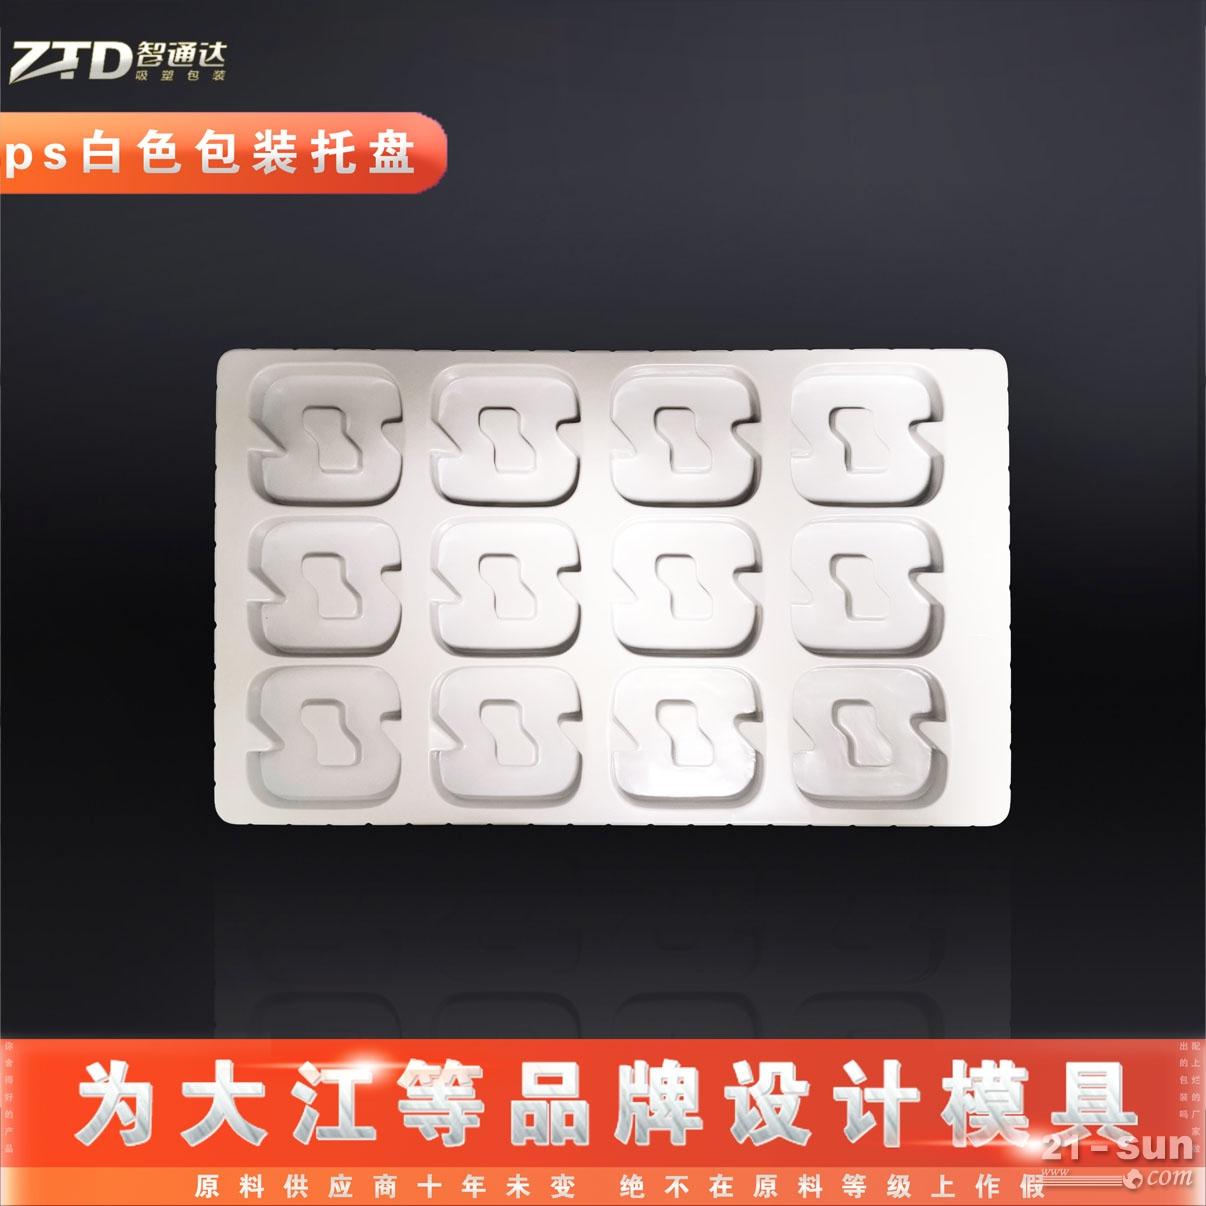 吸塑包装厂家-透明塑料吸塑包装-深圳智通达吸塑有限公司